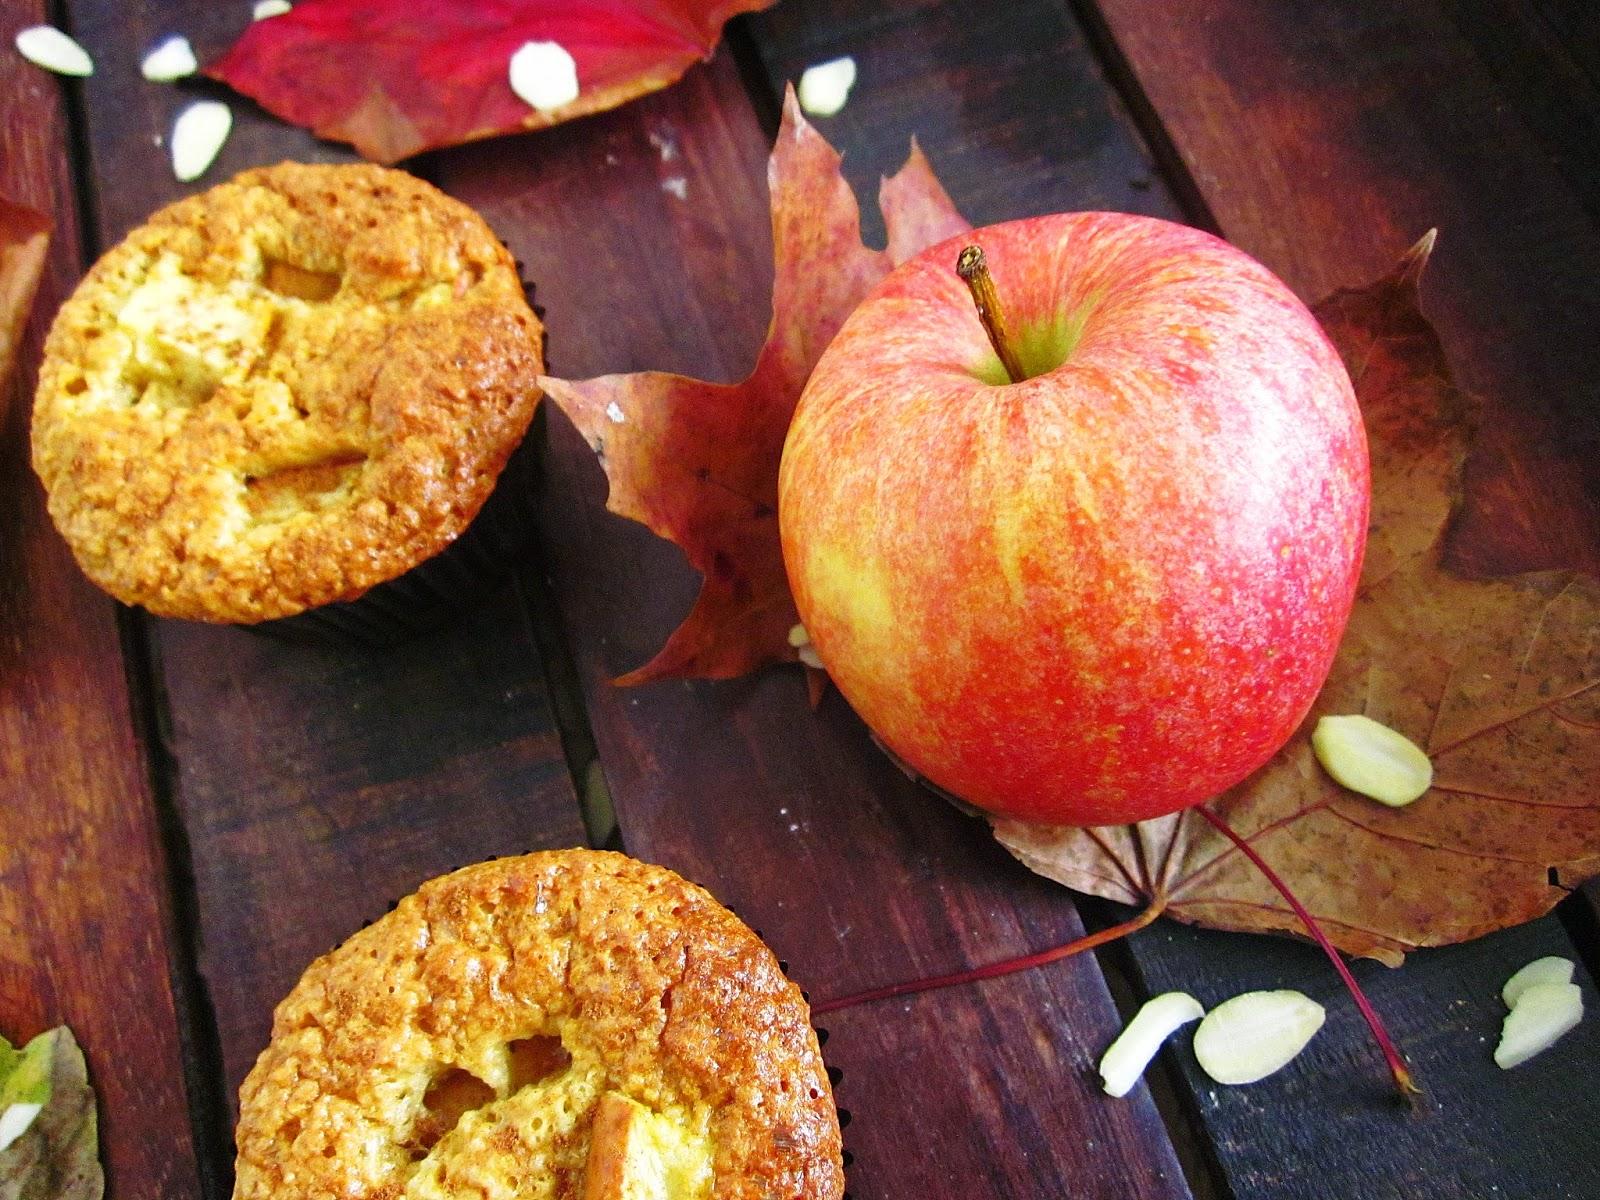 Muffins und Apfel